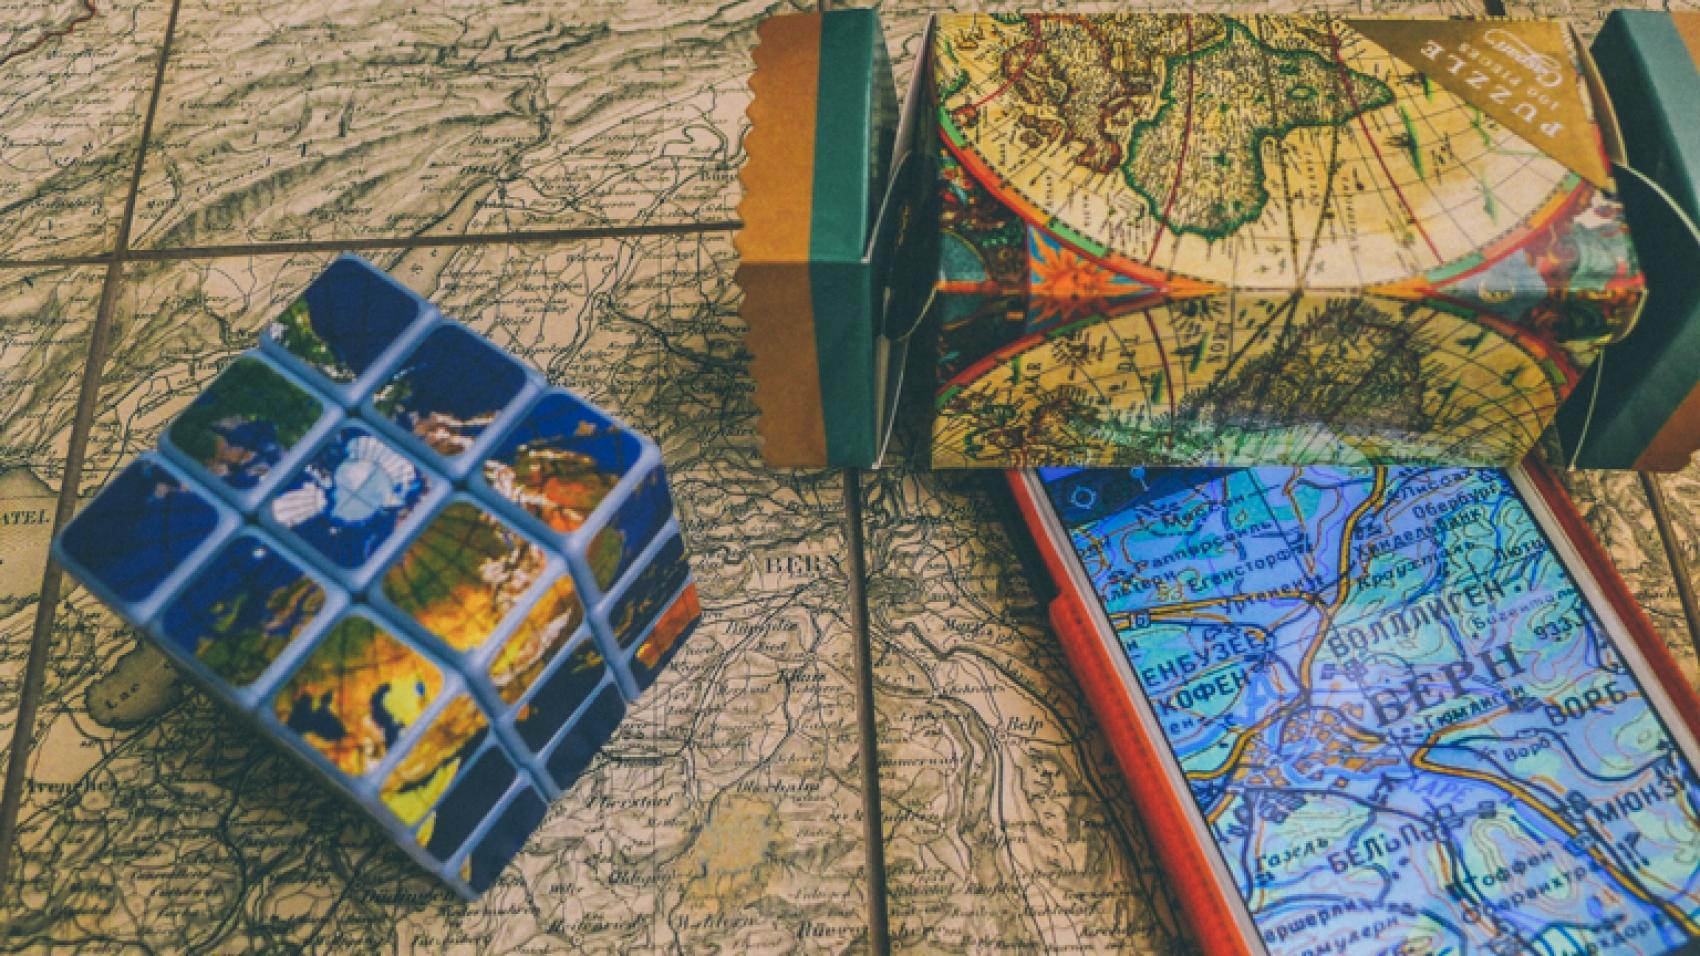 Printed or Digital Maps